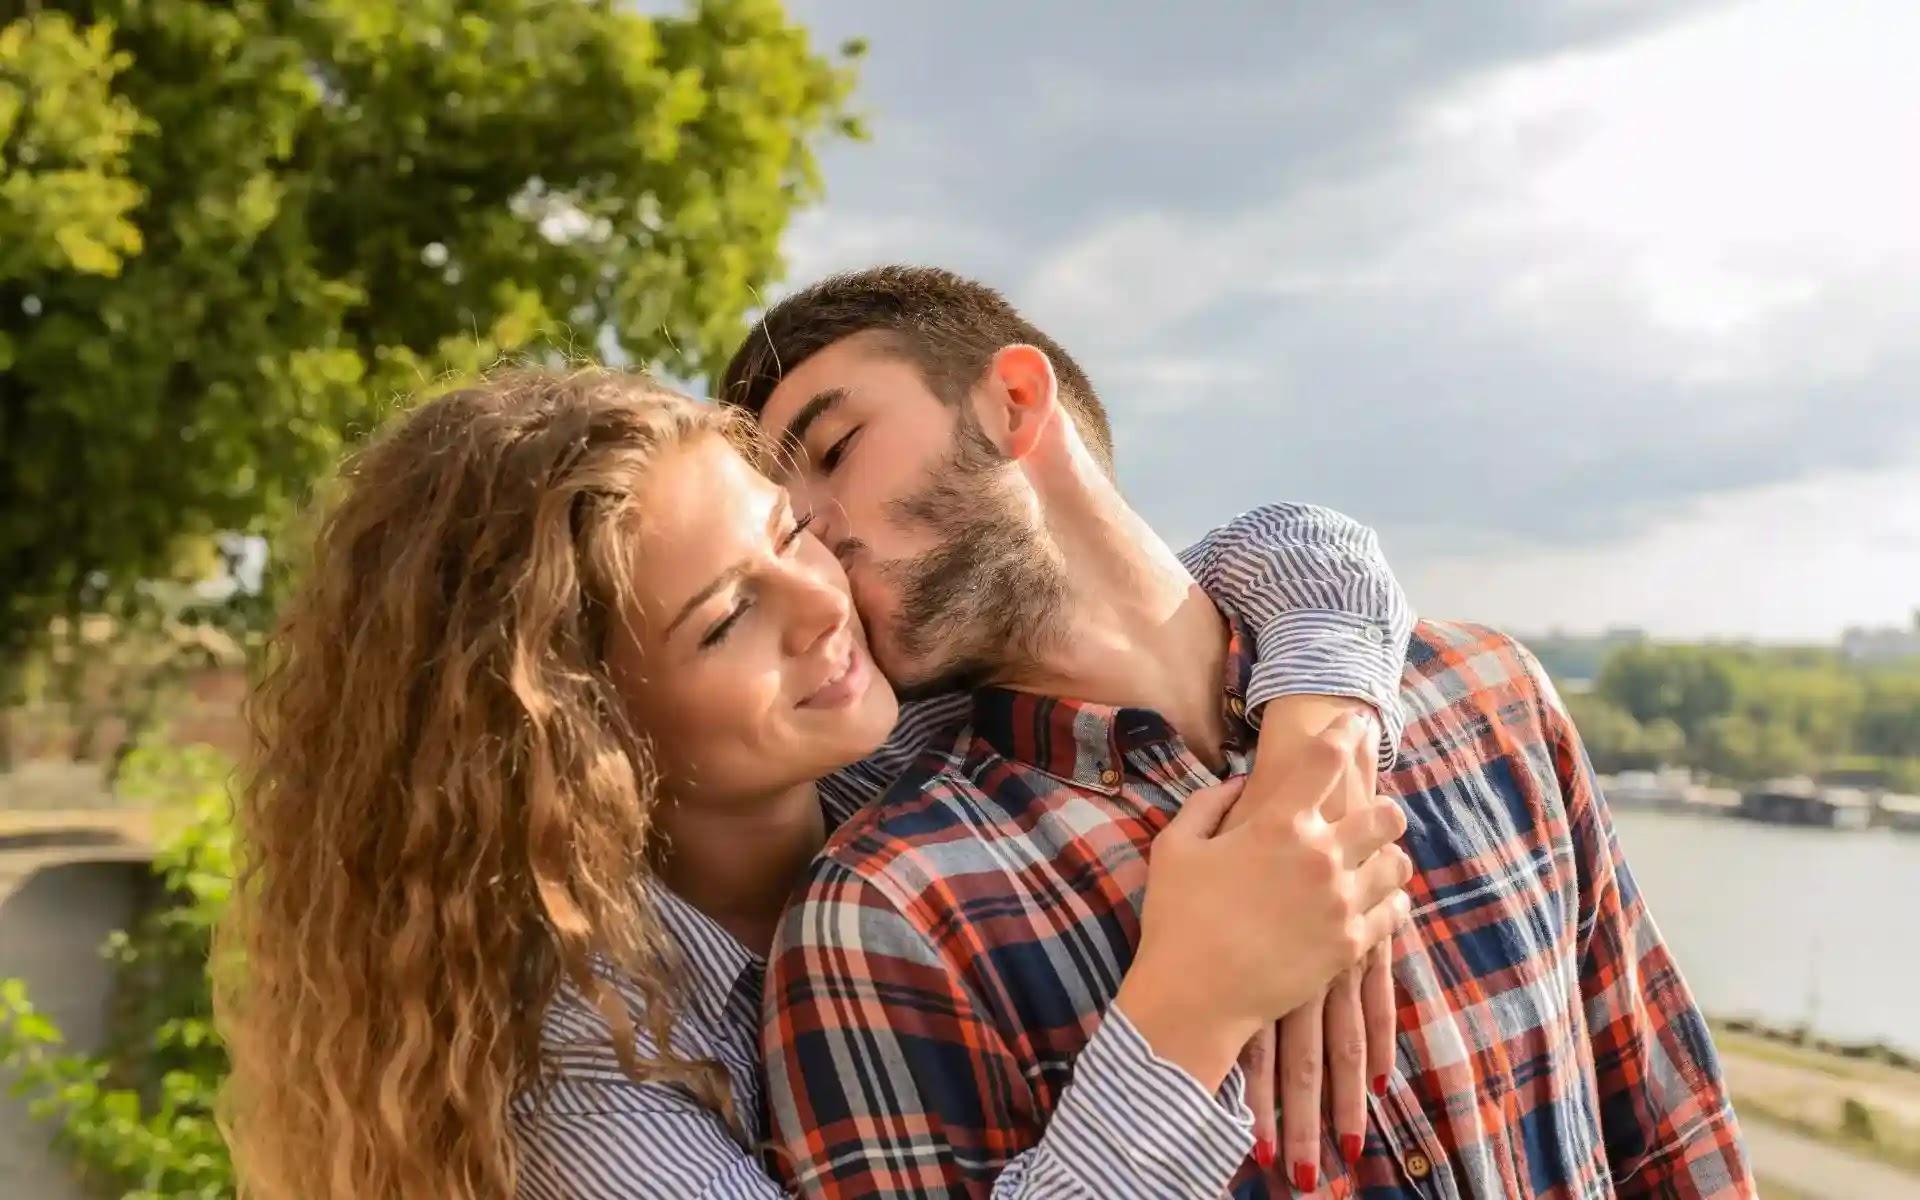 romantic love couple photo